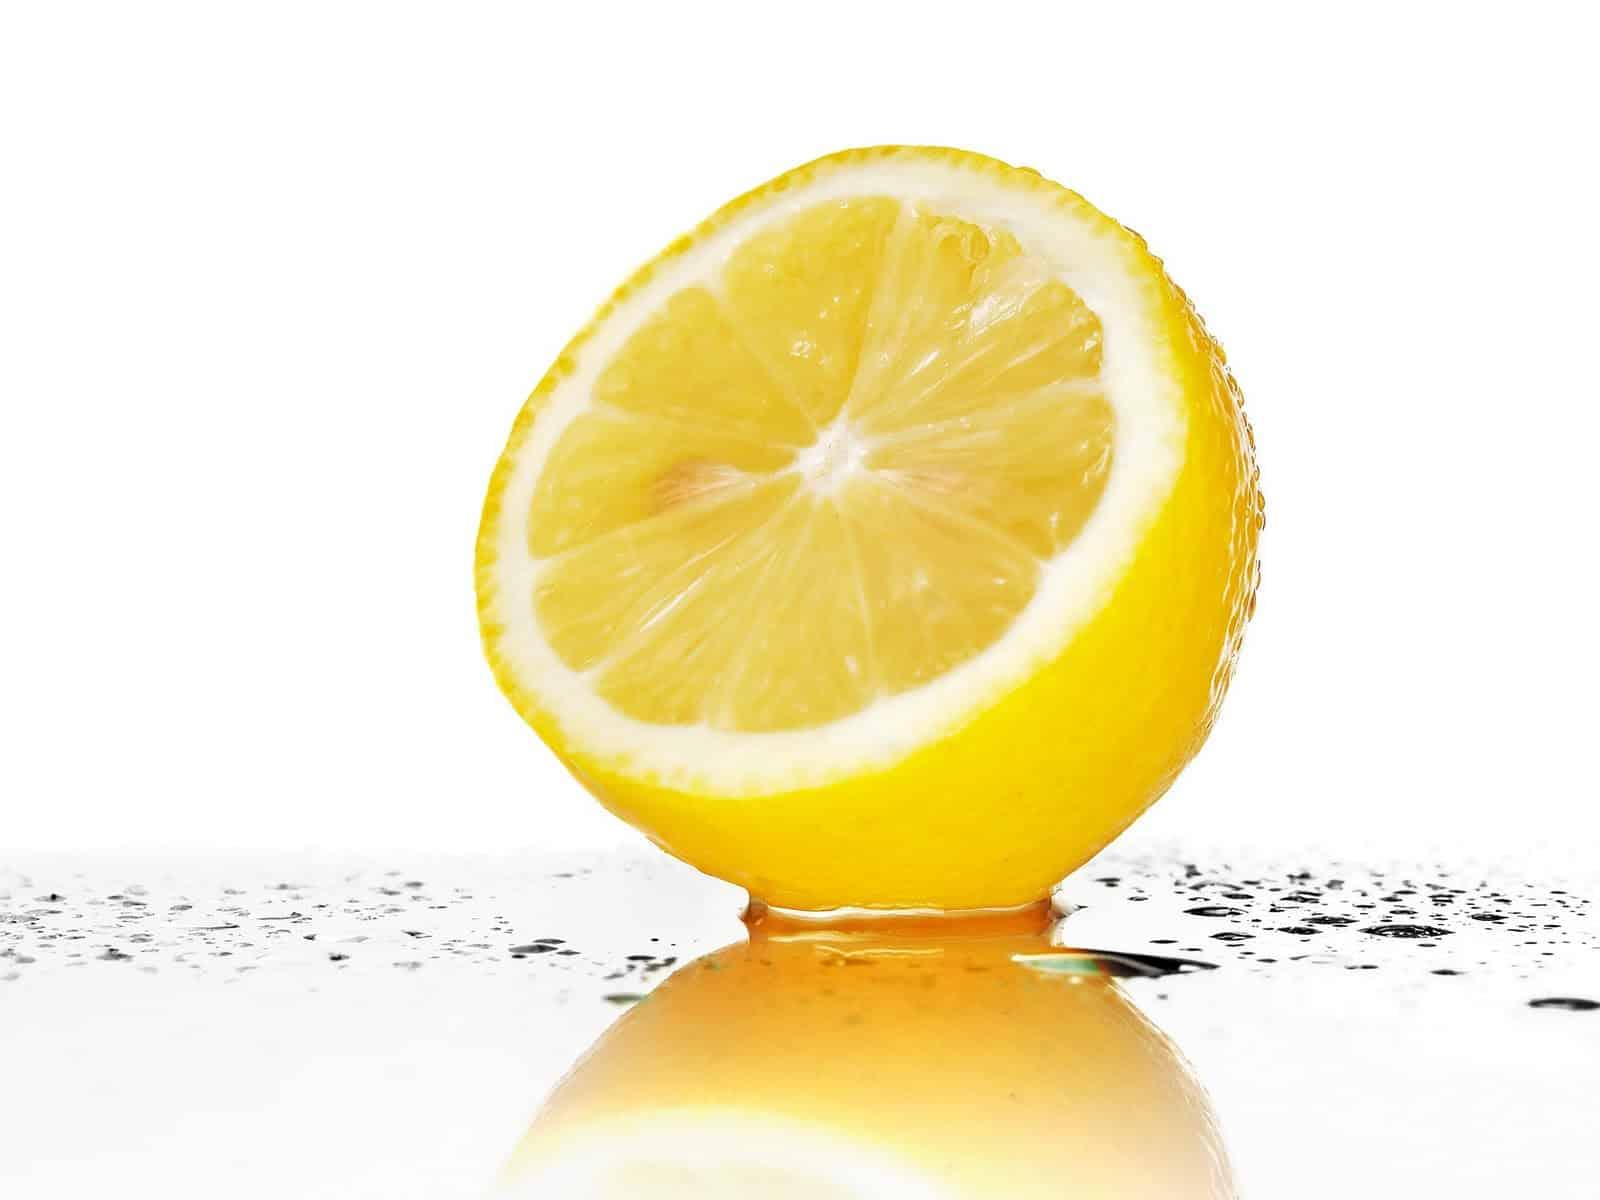 La depurazione con il limone: funziona?